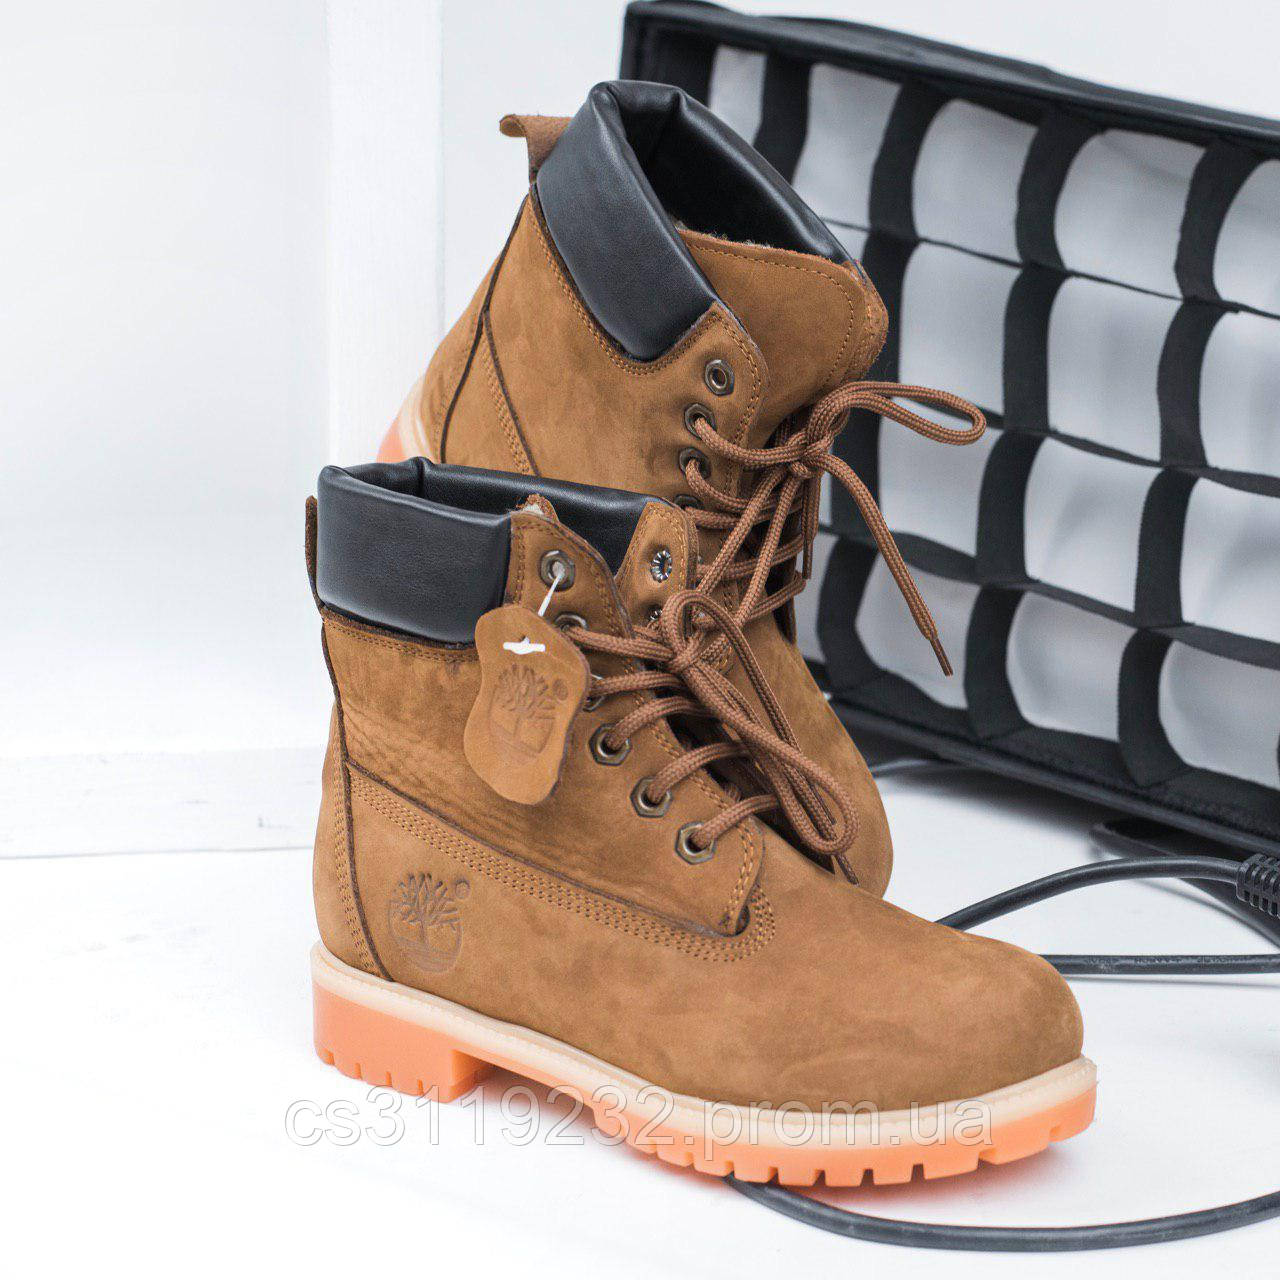 Жіночі зимові черевики Timberland (хутро) (шеколадные)